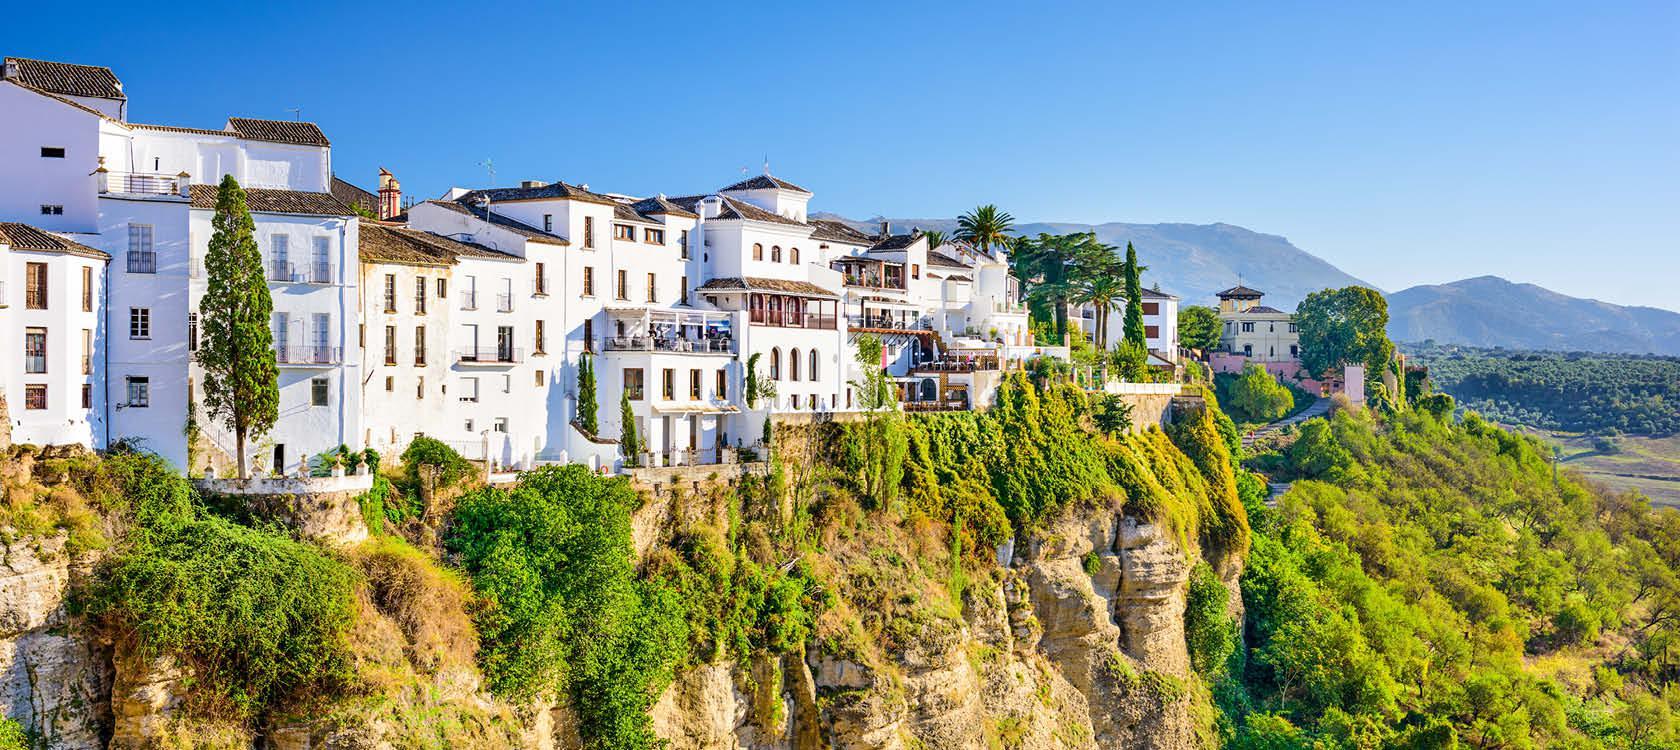 Den hvide bjergby Ronda i Andalusien, Spanien